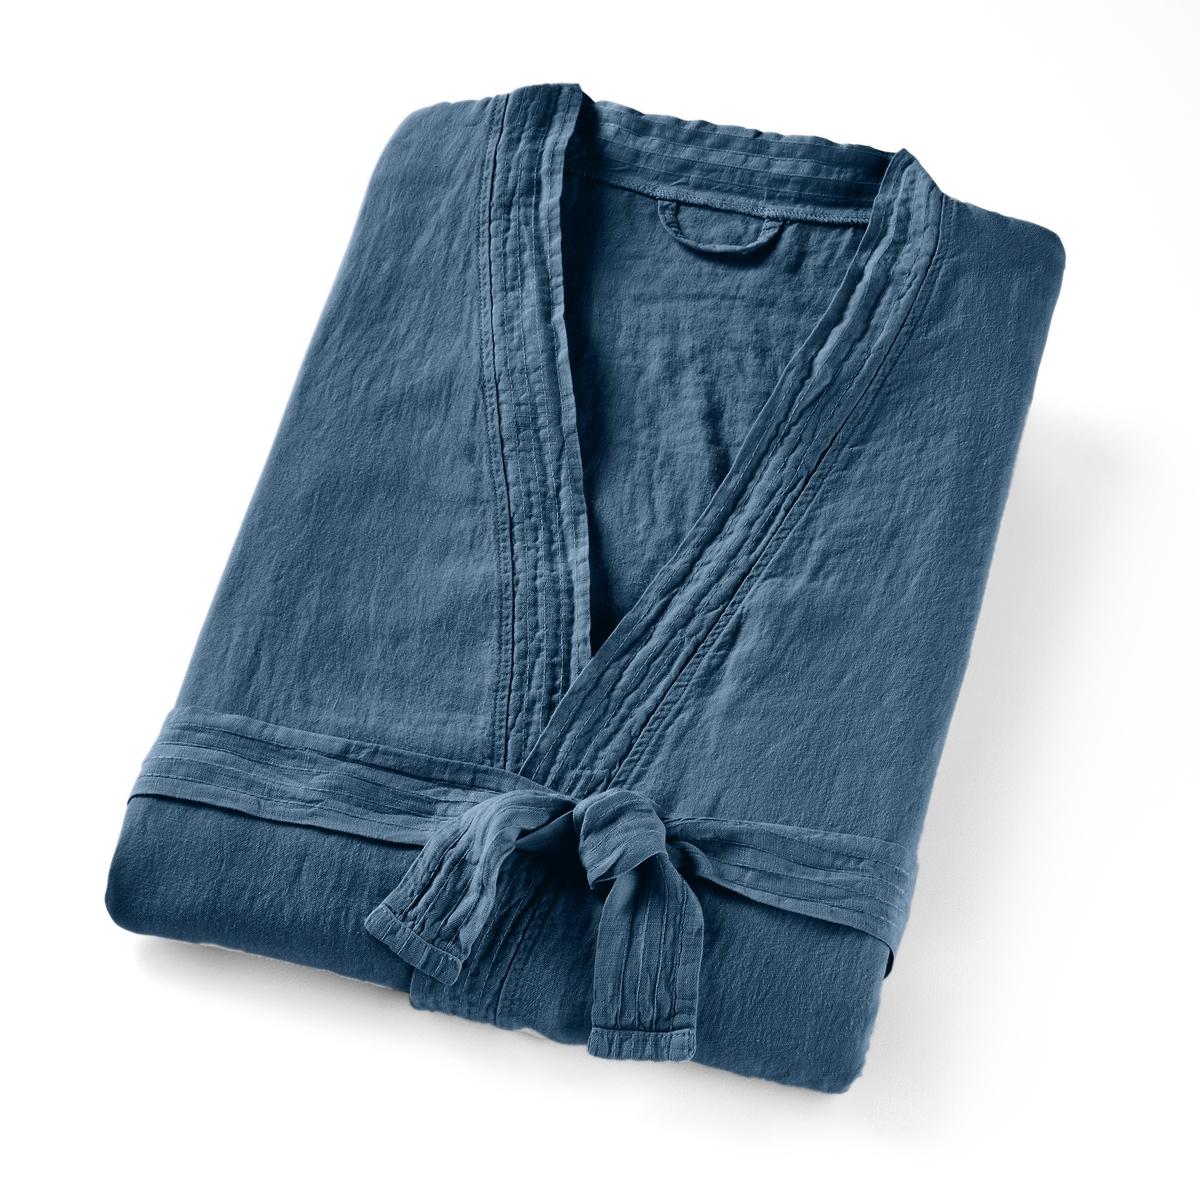 Пеньюар-кимоно La Redoute Из стираного льна 34/36 (FR) - 40/42 (RUS) синий штора затемняющая из стираного льна с кожаными шлевками private